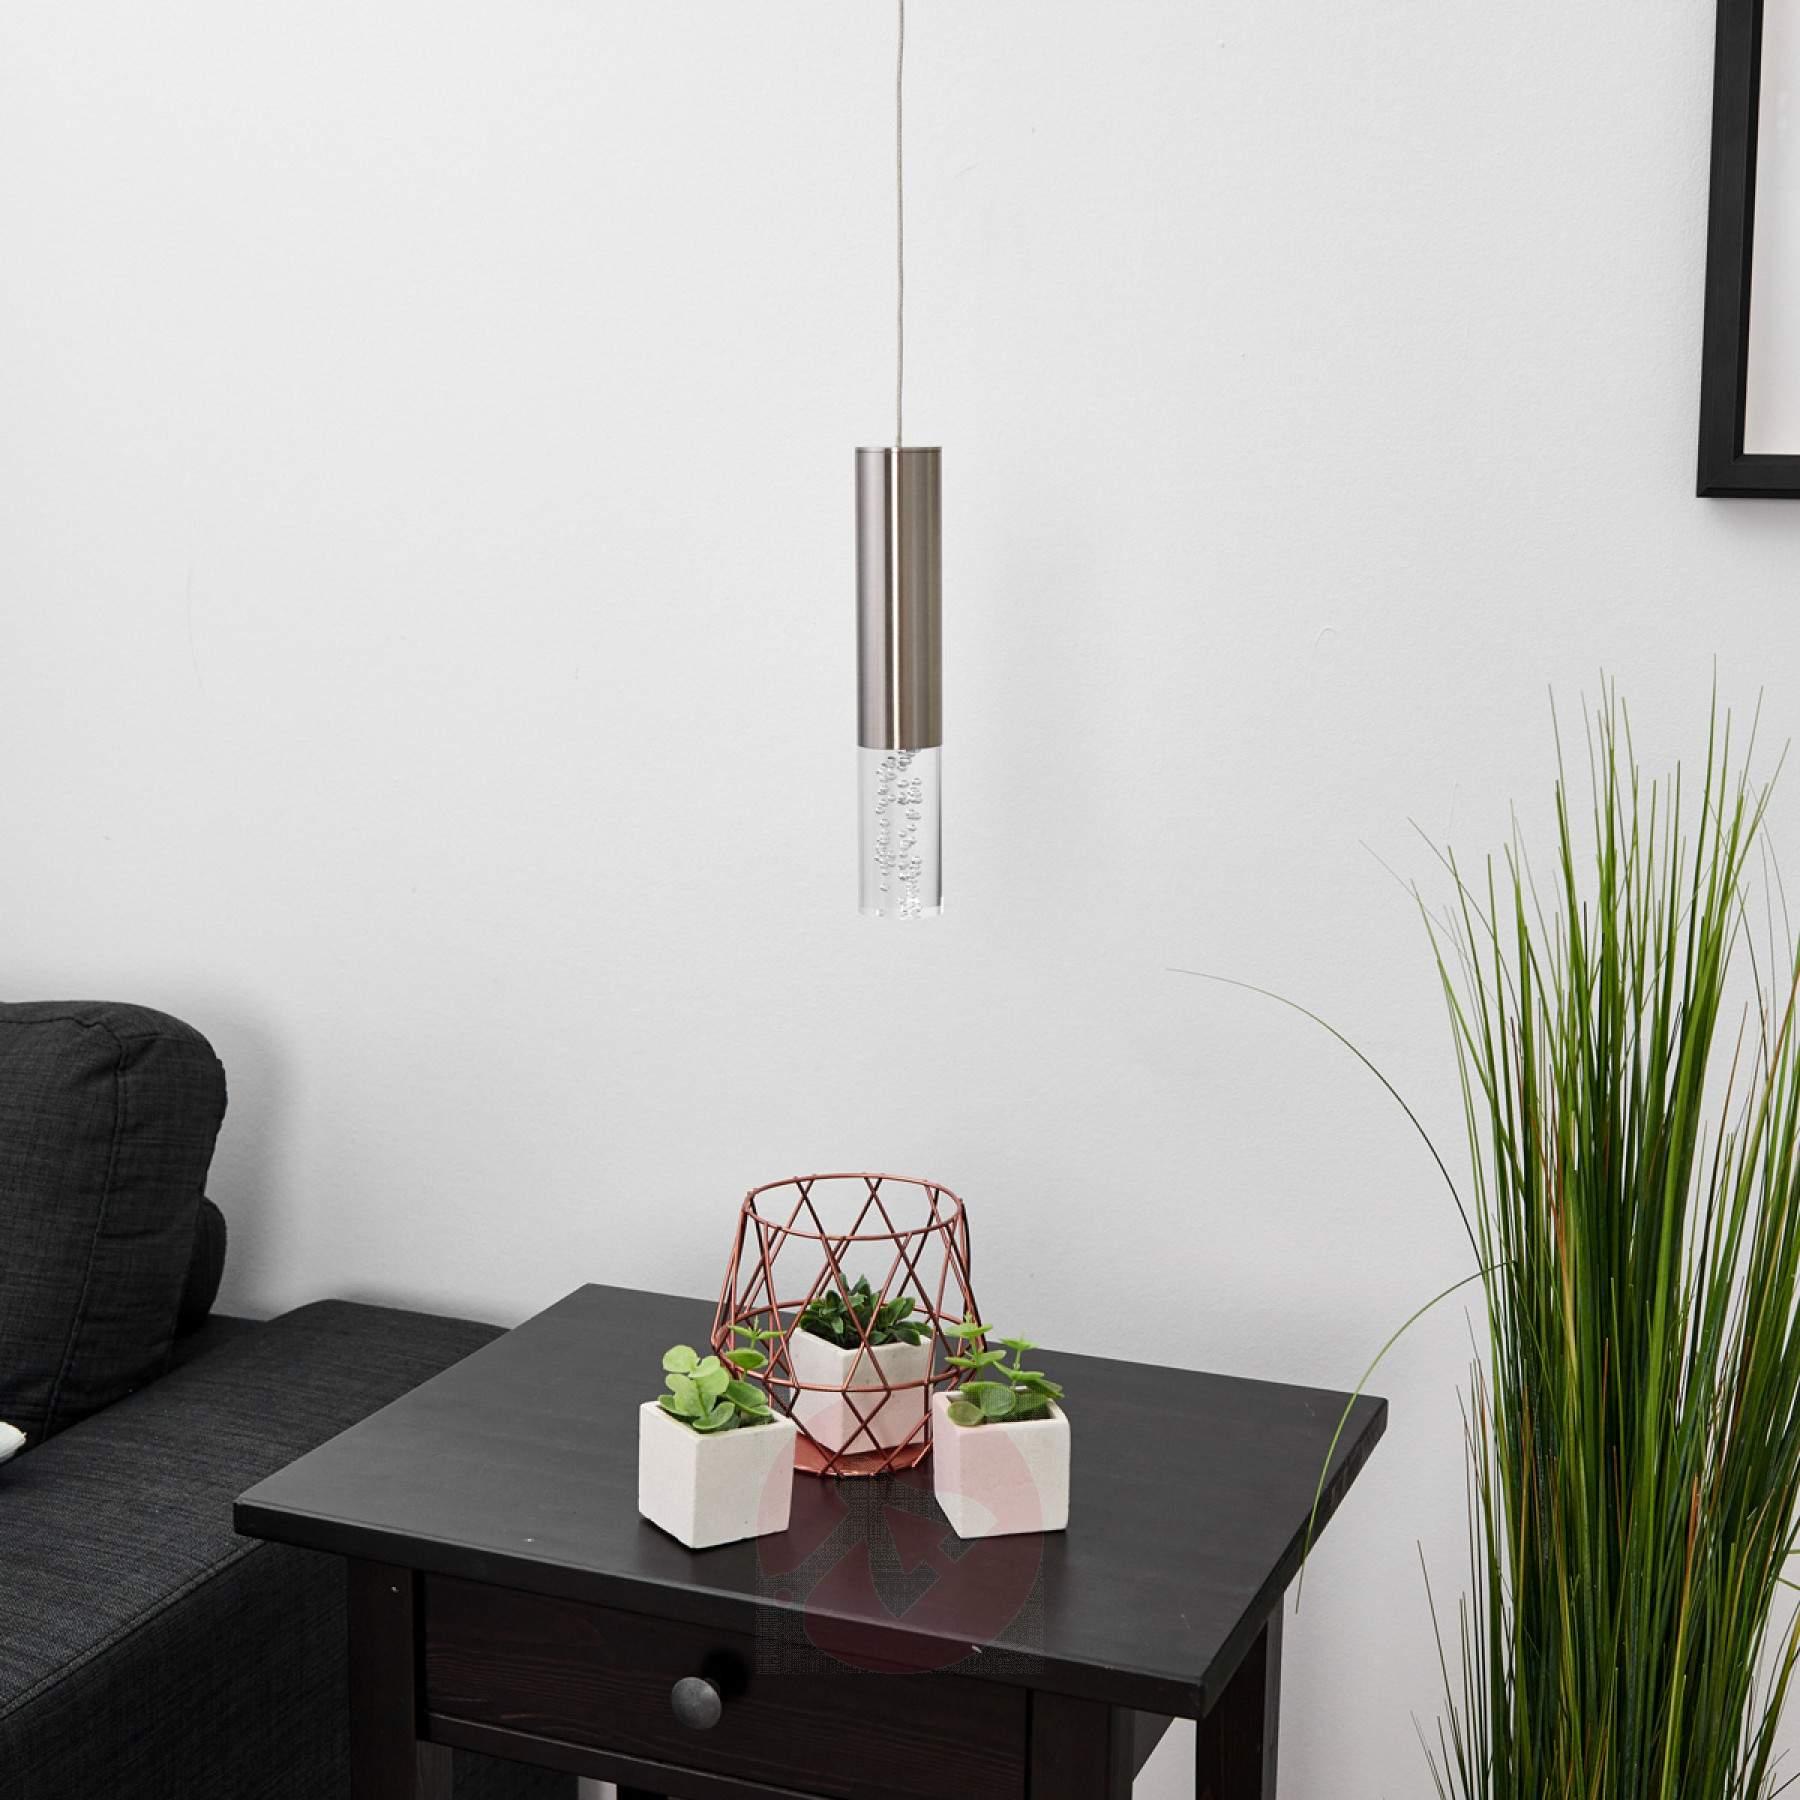 Full Size of Lampe über Kochinsel Led Pendelleuchte Bubble 1 Flg Kaufen Lampenweltde Deckenlampe Esstisch Wohnzimmer Lampen Deckenlampen Modern überwurf Sofa Stehlampe Wohnzimmer Lampe über Kochinsel